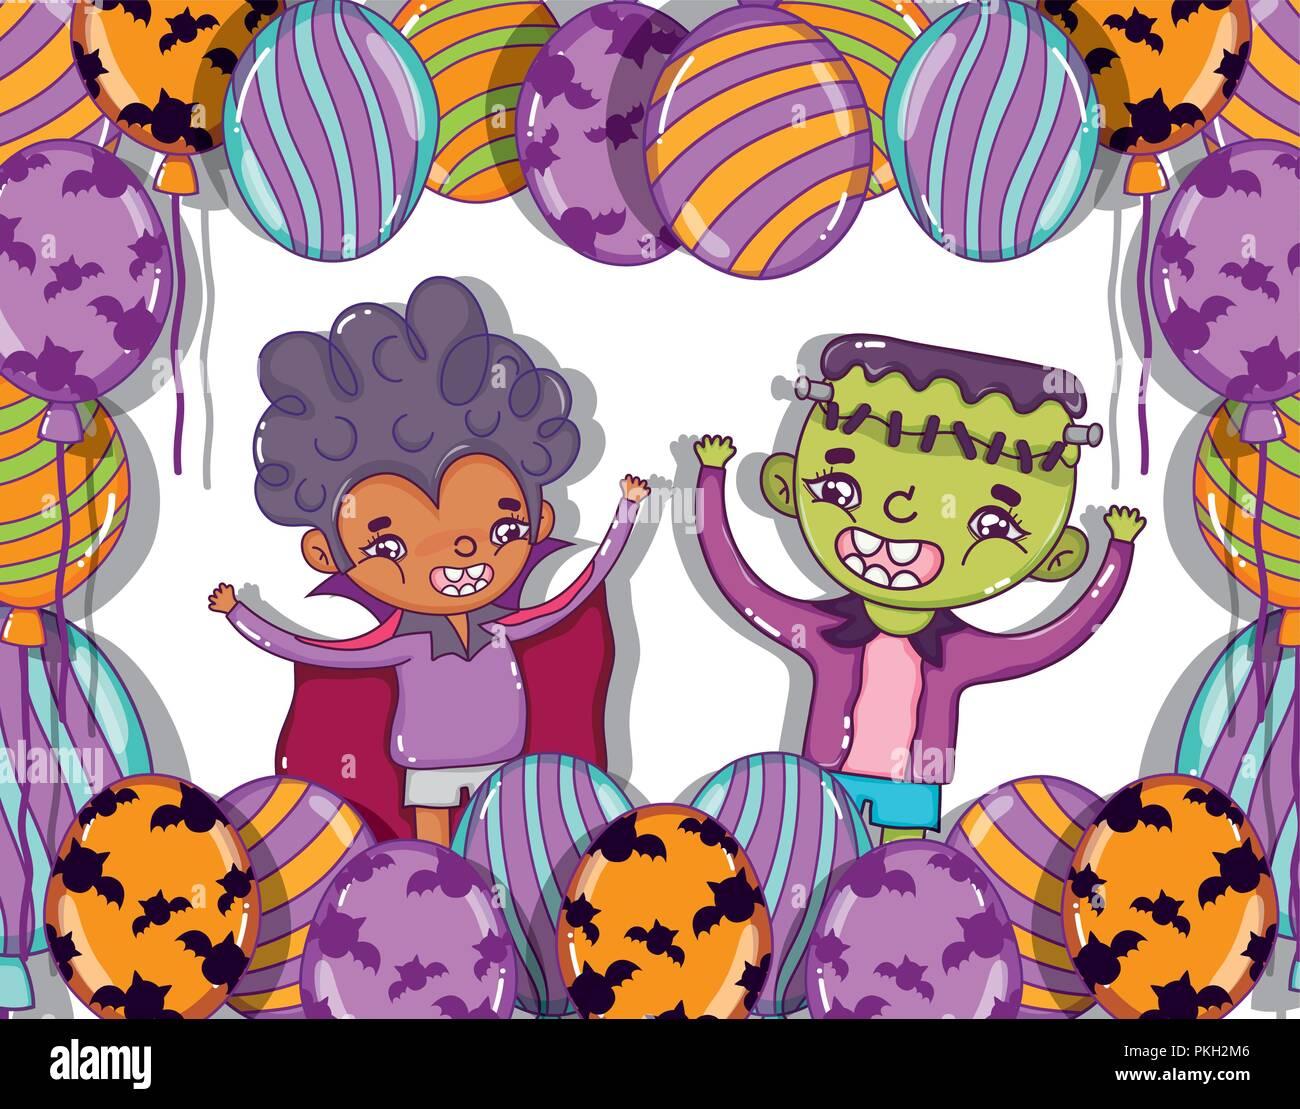 Halloween e cartoni animati per bambini illustrazione vettoriale